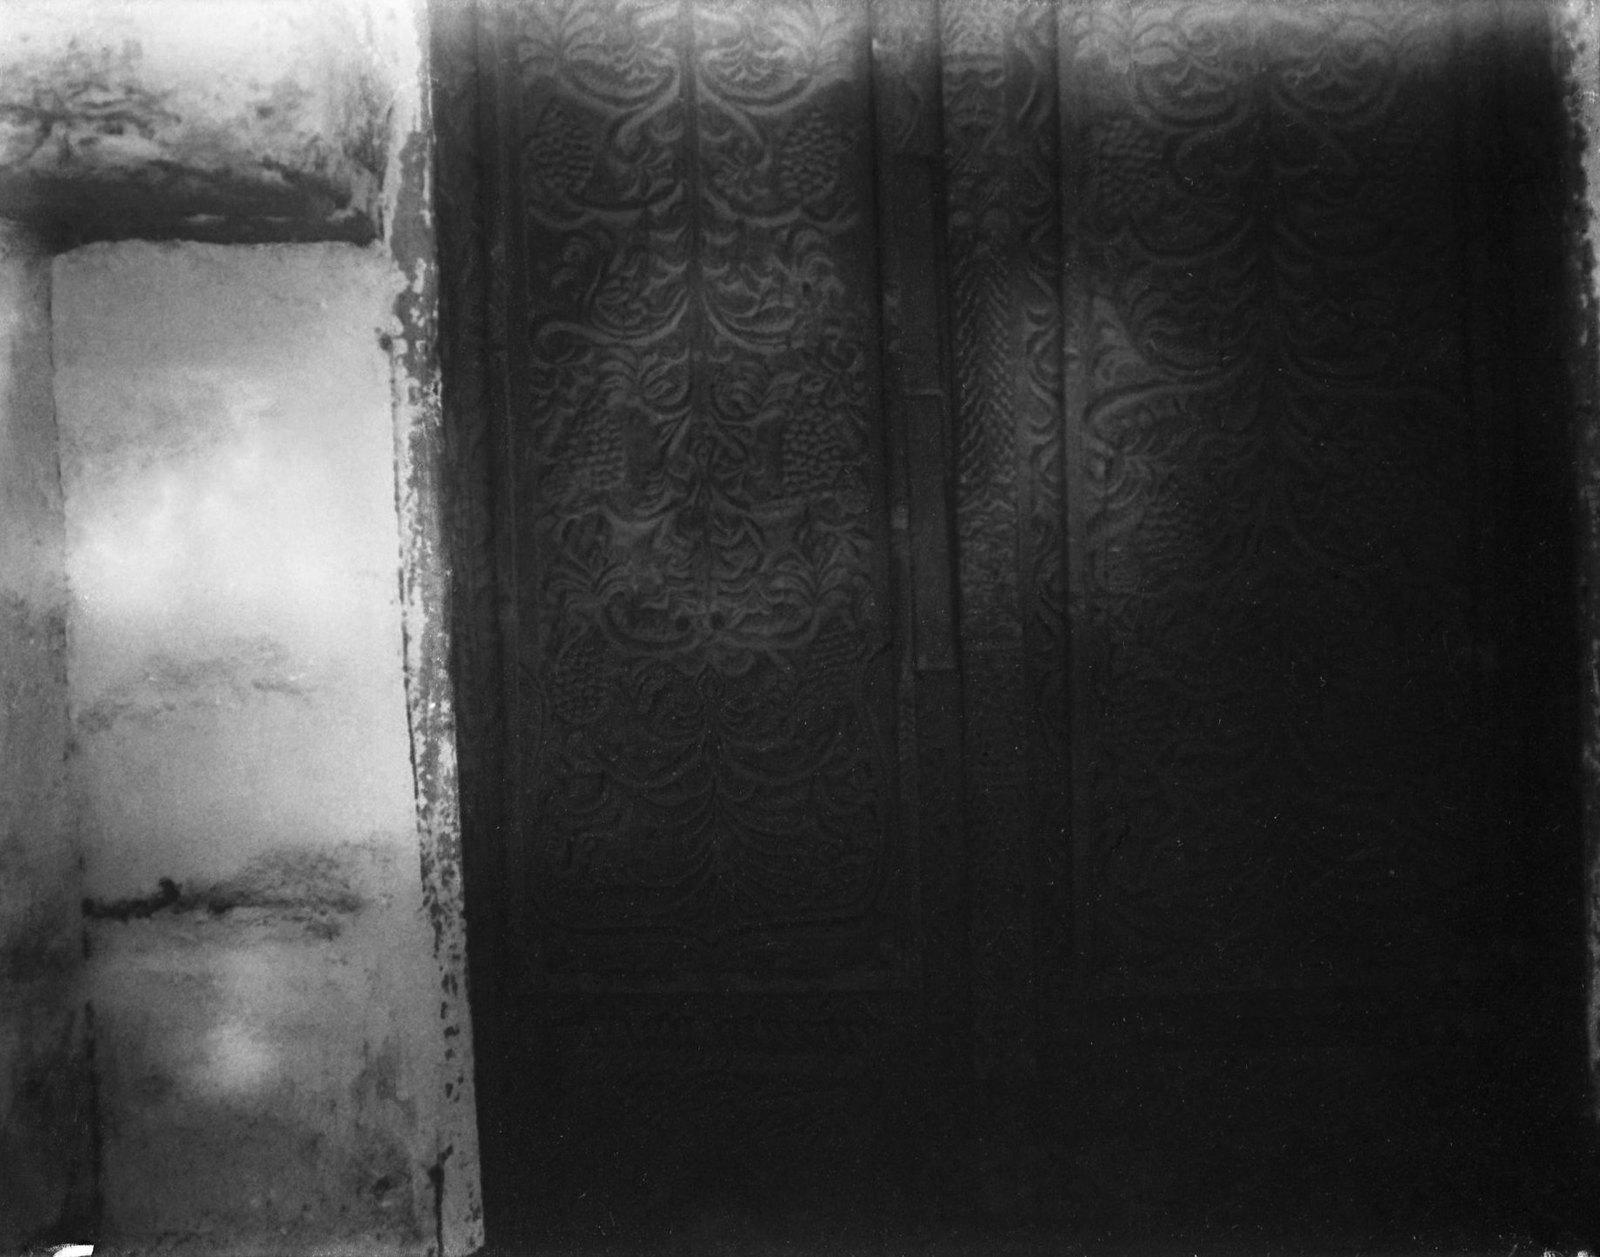 09. Эритрея. Рисунок двери дома старинной работы в Массауа